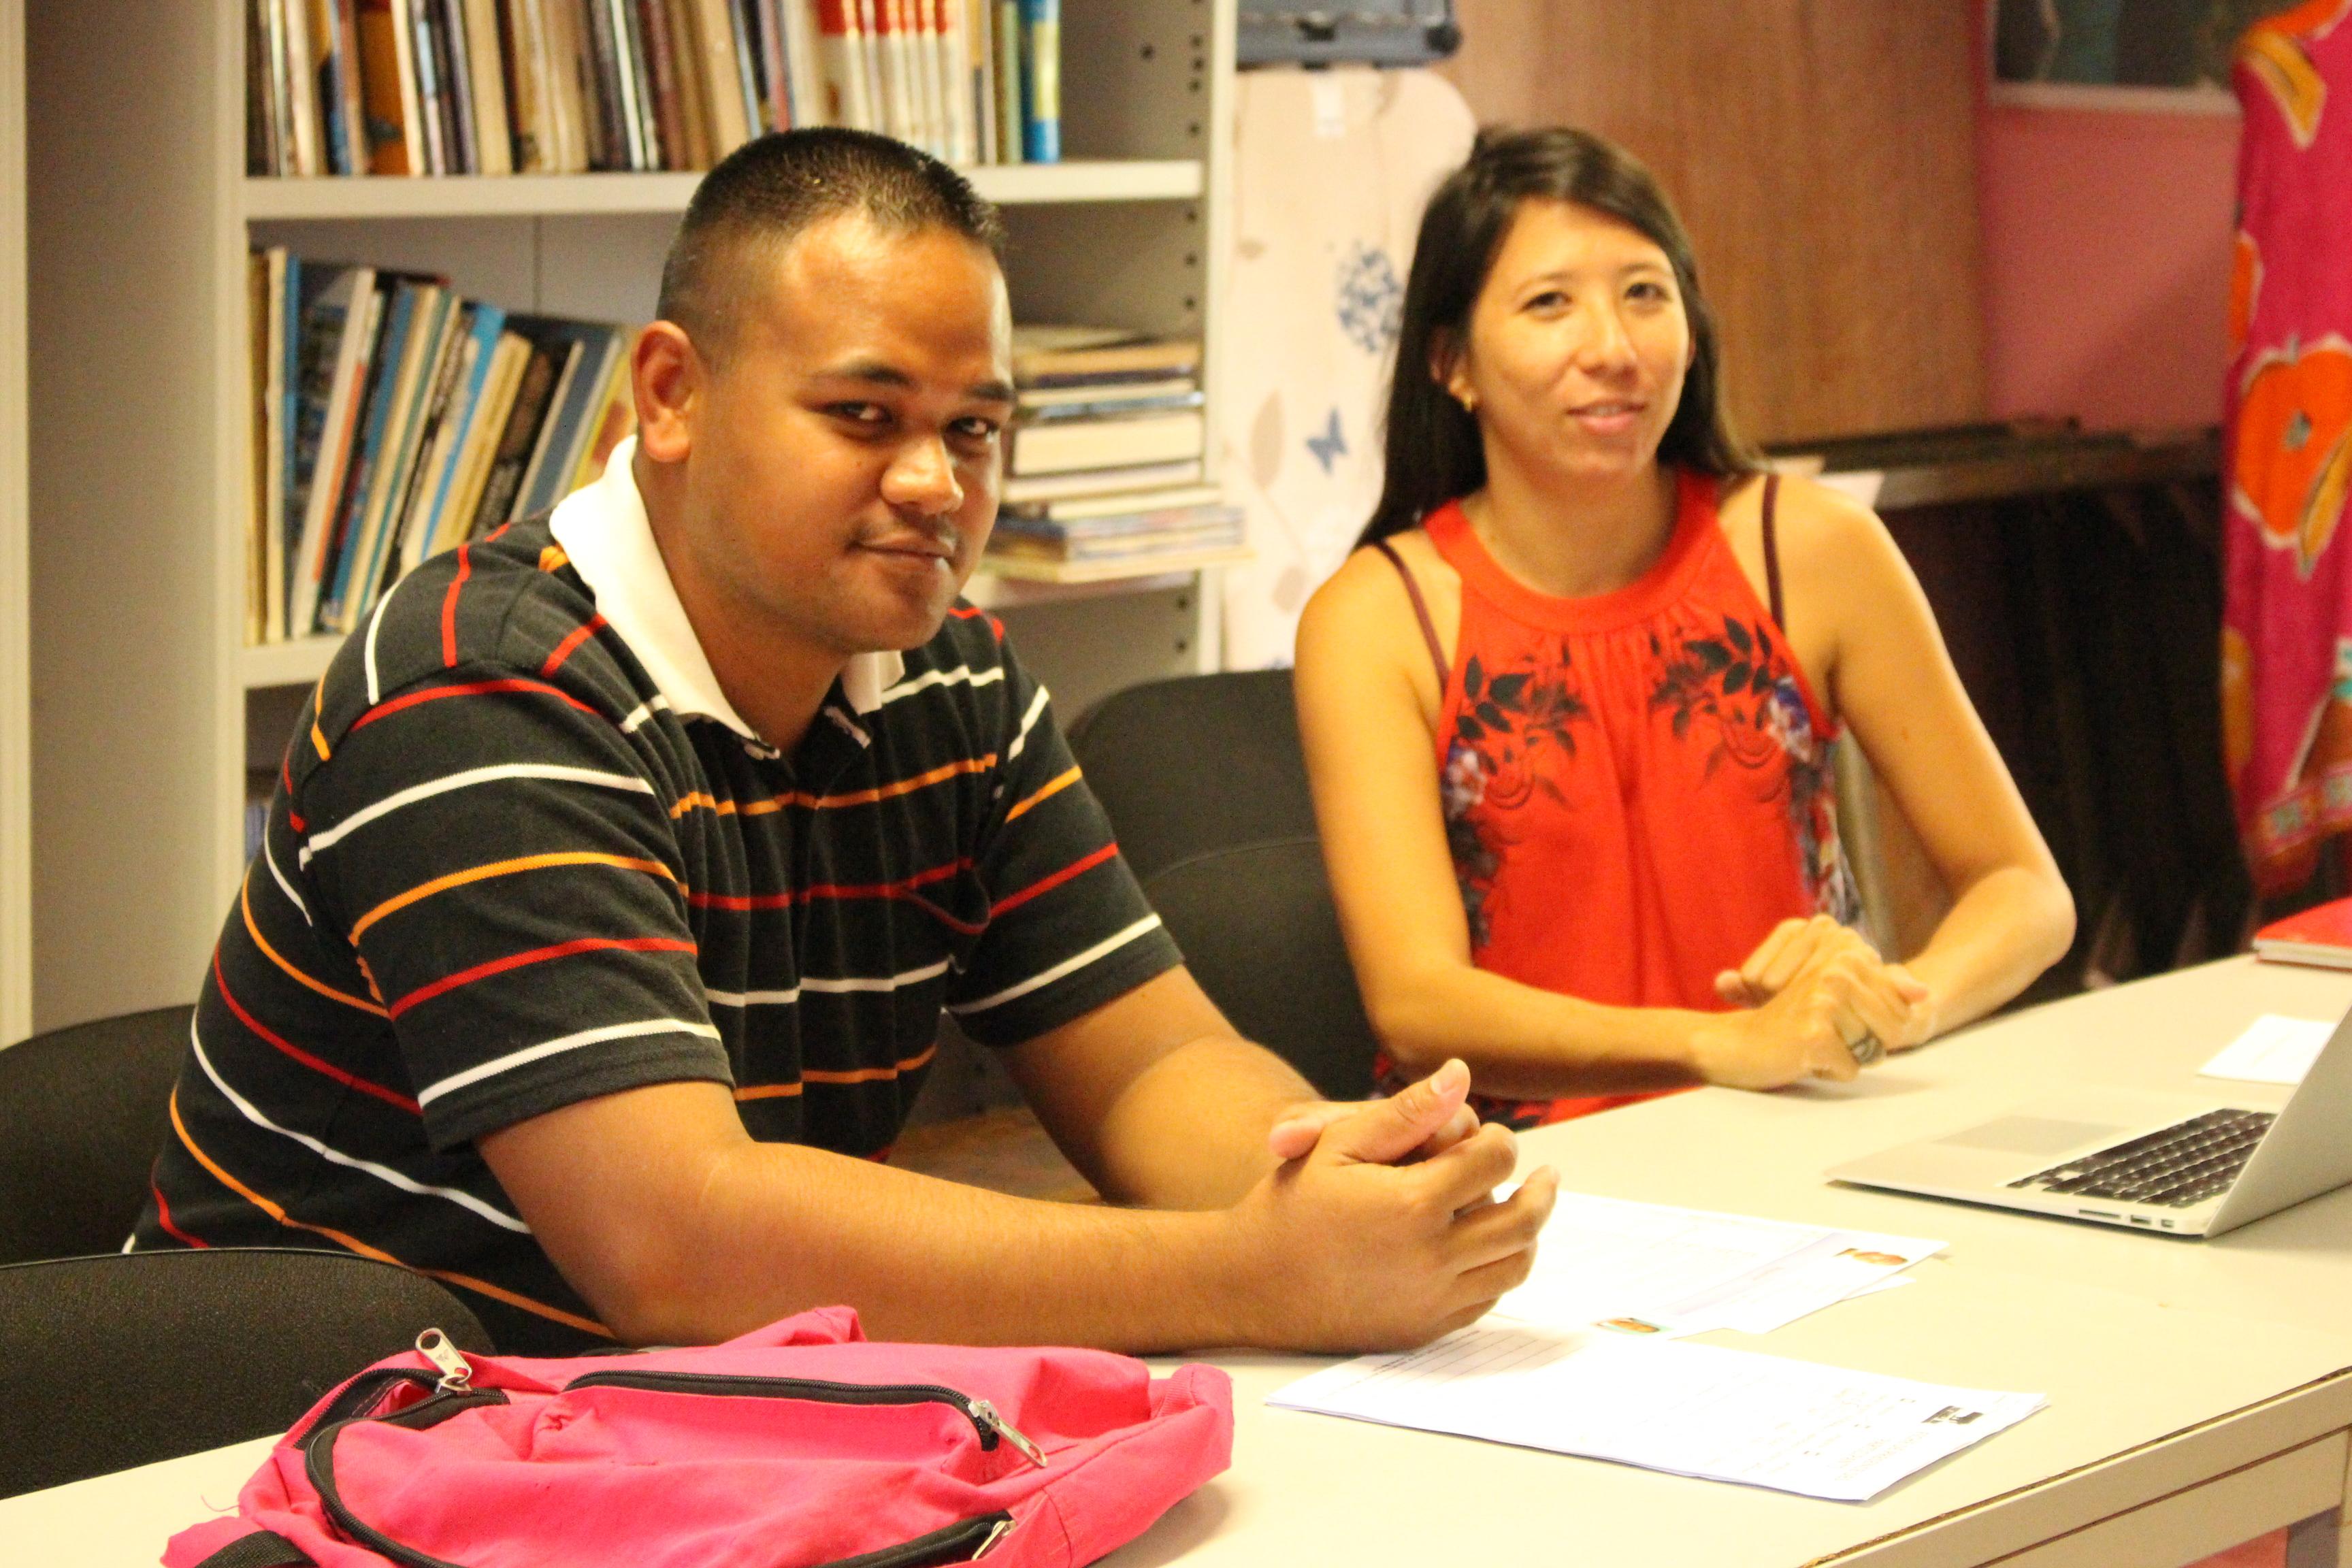 Tehotu passe un entretien individuel avec Laëtitia pour rédiger son CV et sa lettre de motivation. Il cherche un emploi immédiatement.